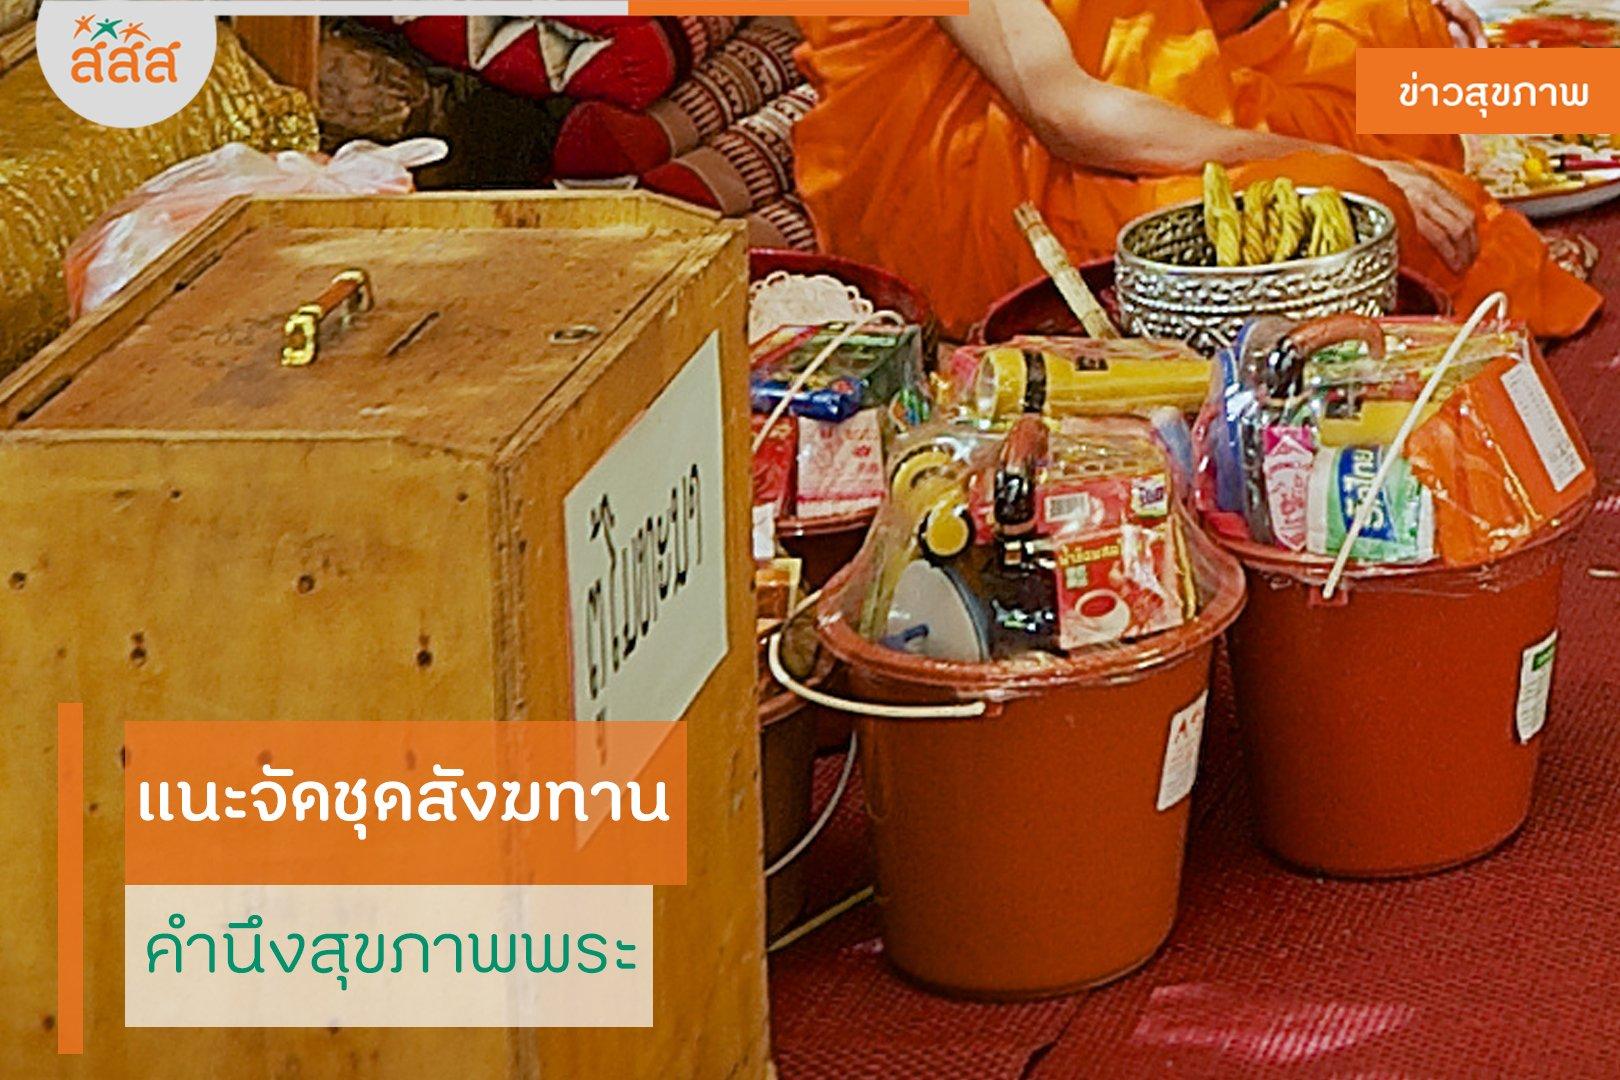 แนะจัดชุดสังฆทาน คำนึงสุขภาพพระ thaihealth